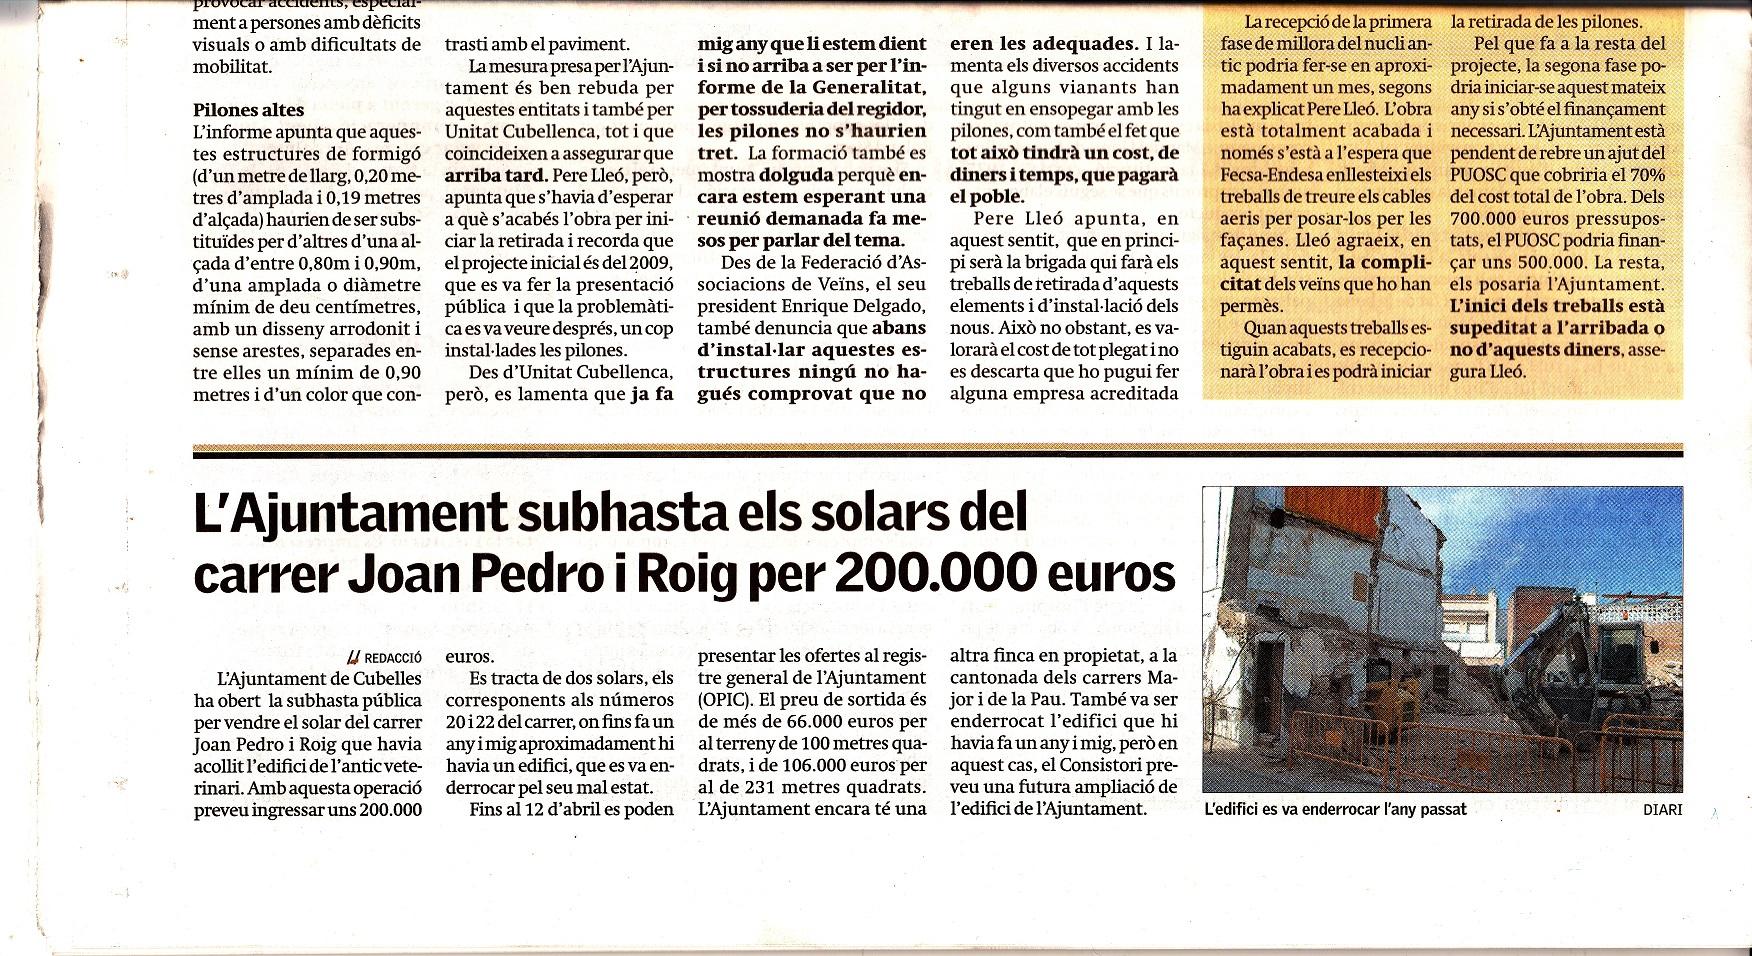 DIARI DE VILANOVA, FORA TOTES LES PILONES 05-04-2013-R-2-R